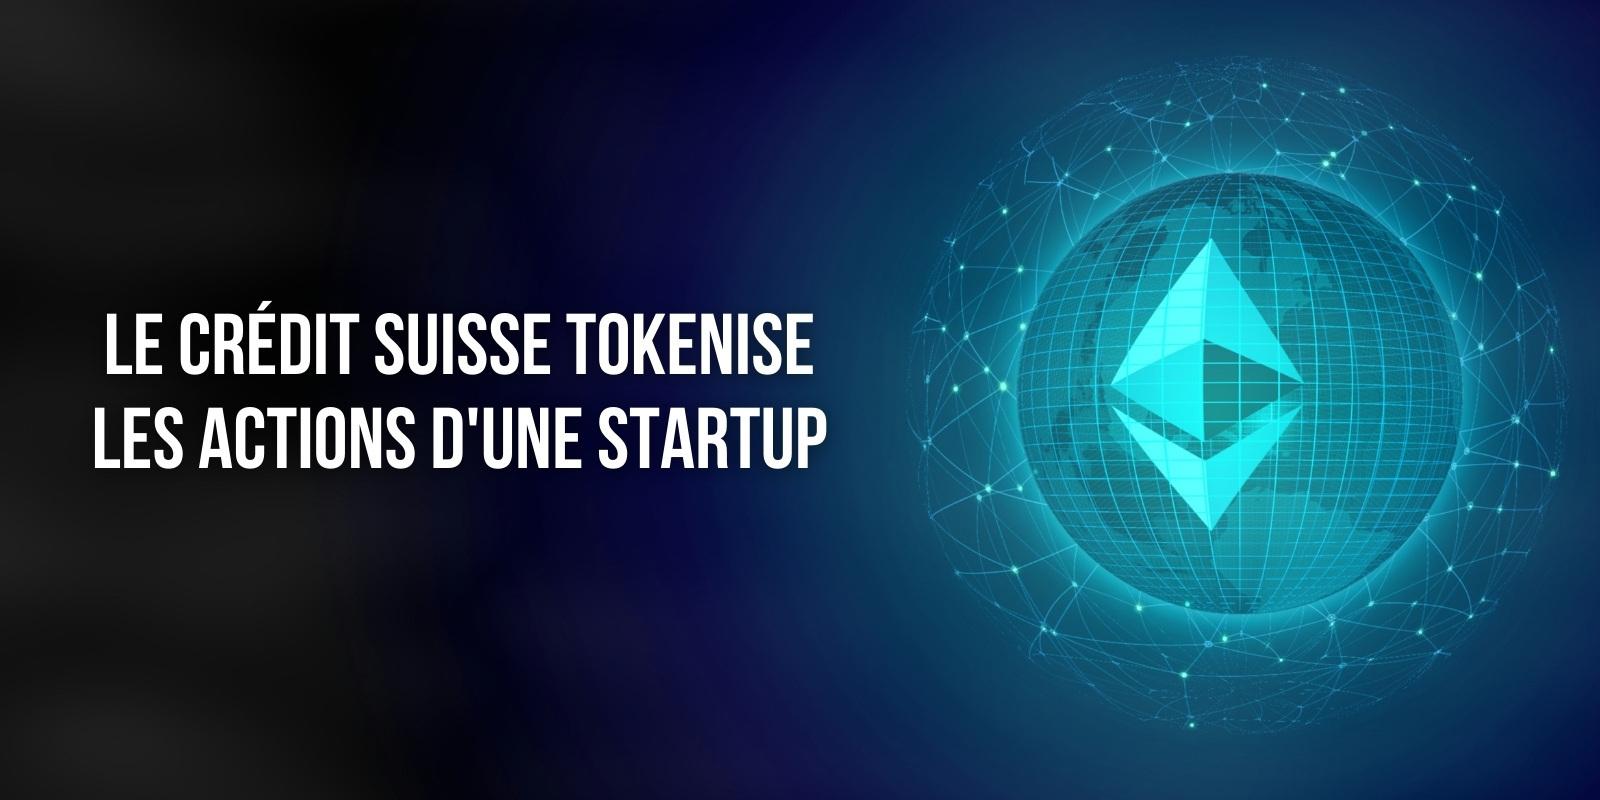 Crédit Suisse accompagne une startup dans la tokenisation de ses actions en partenariat avec Taurus